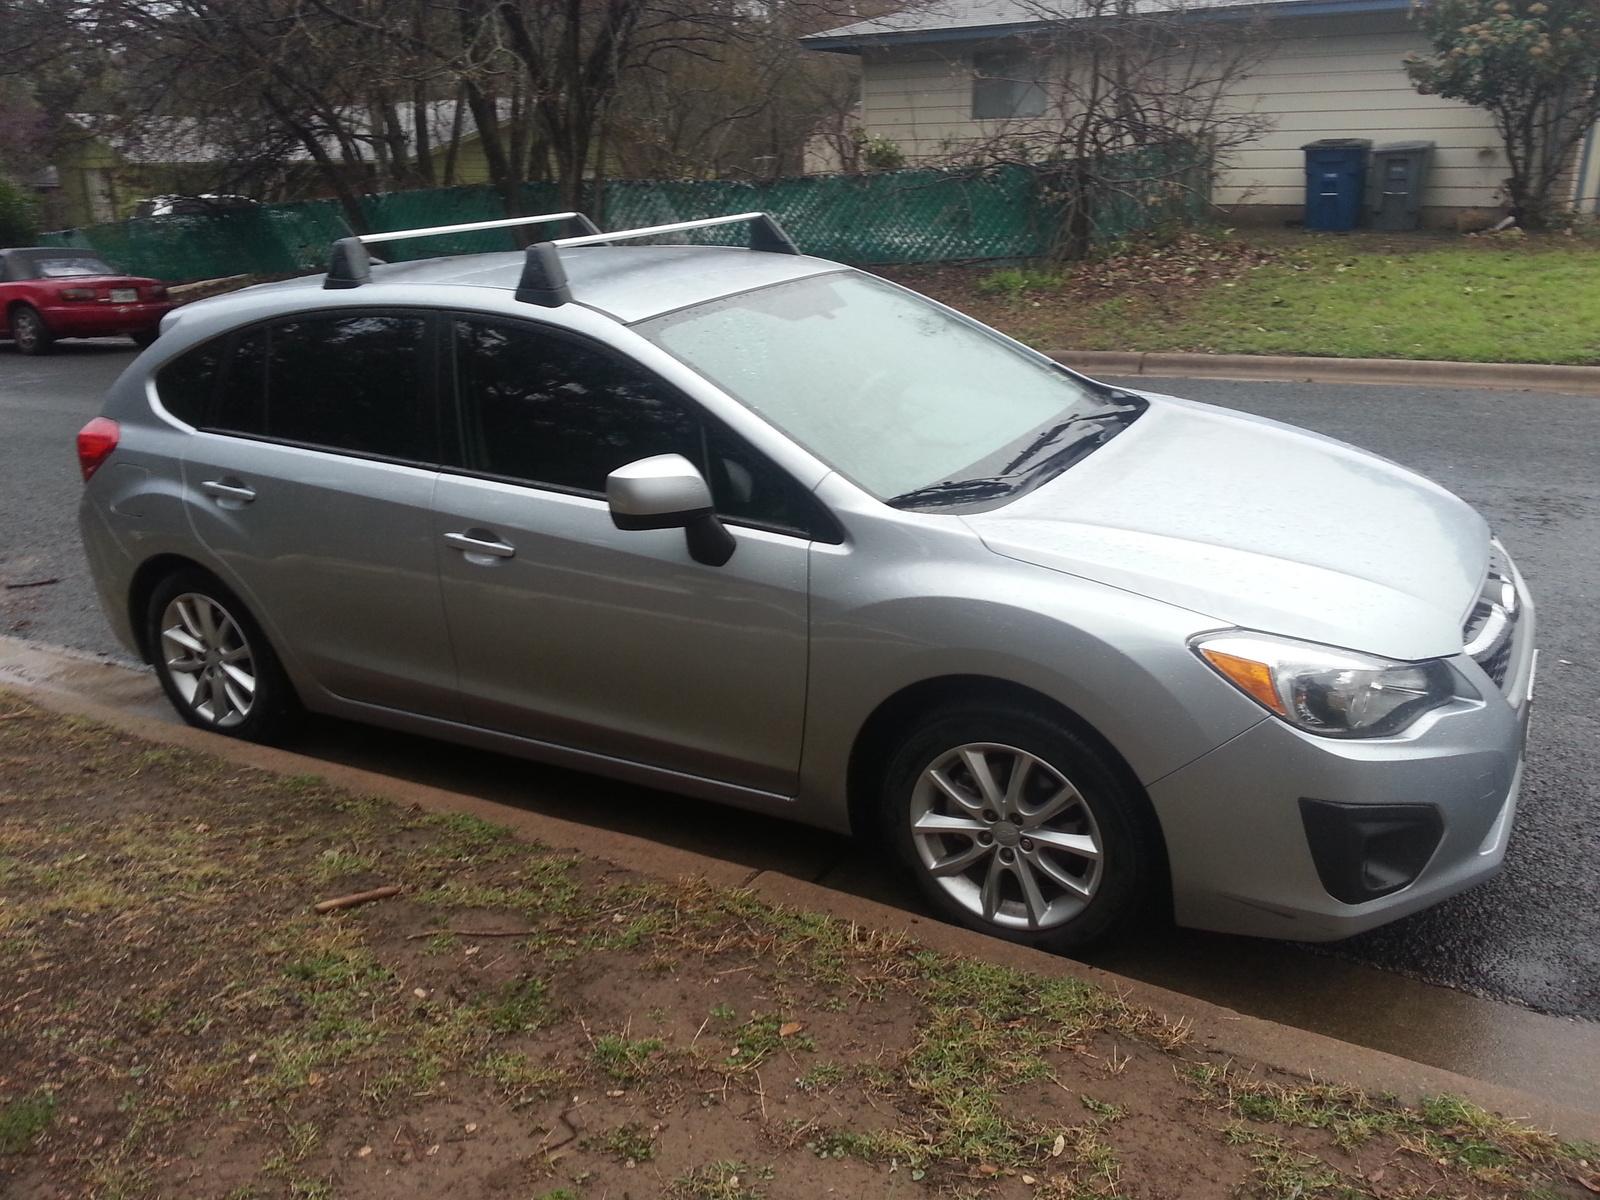 2013 Subaru Impreza Pictures Cargurus